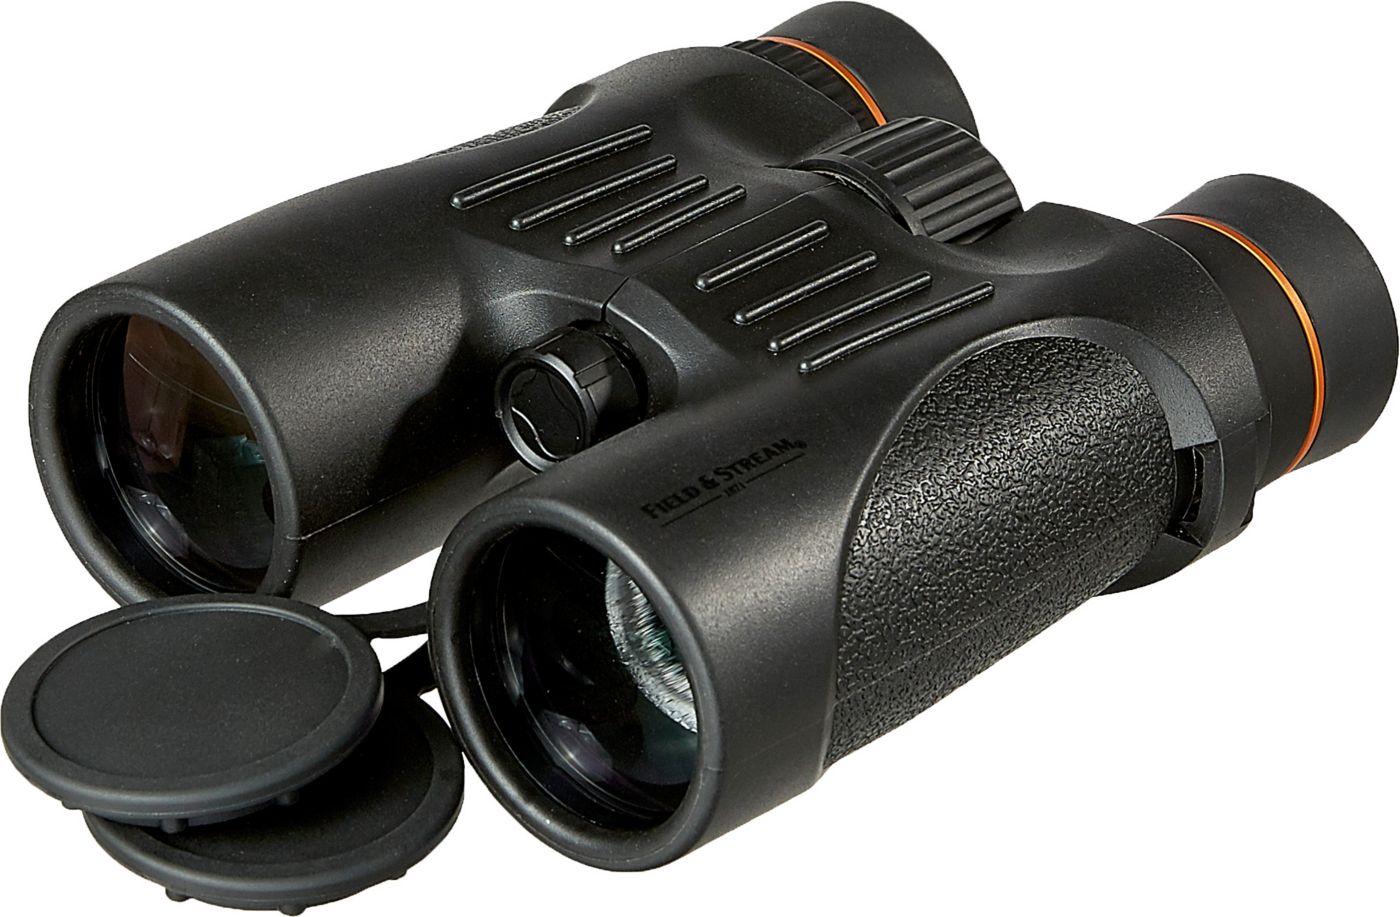 Field & Stream Sportsman Series 10x42 Binoculars